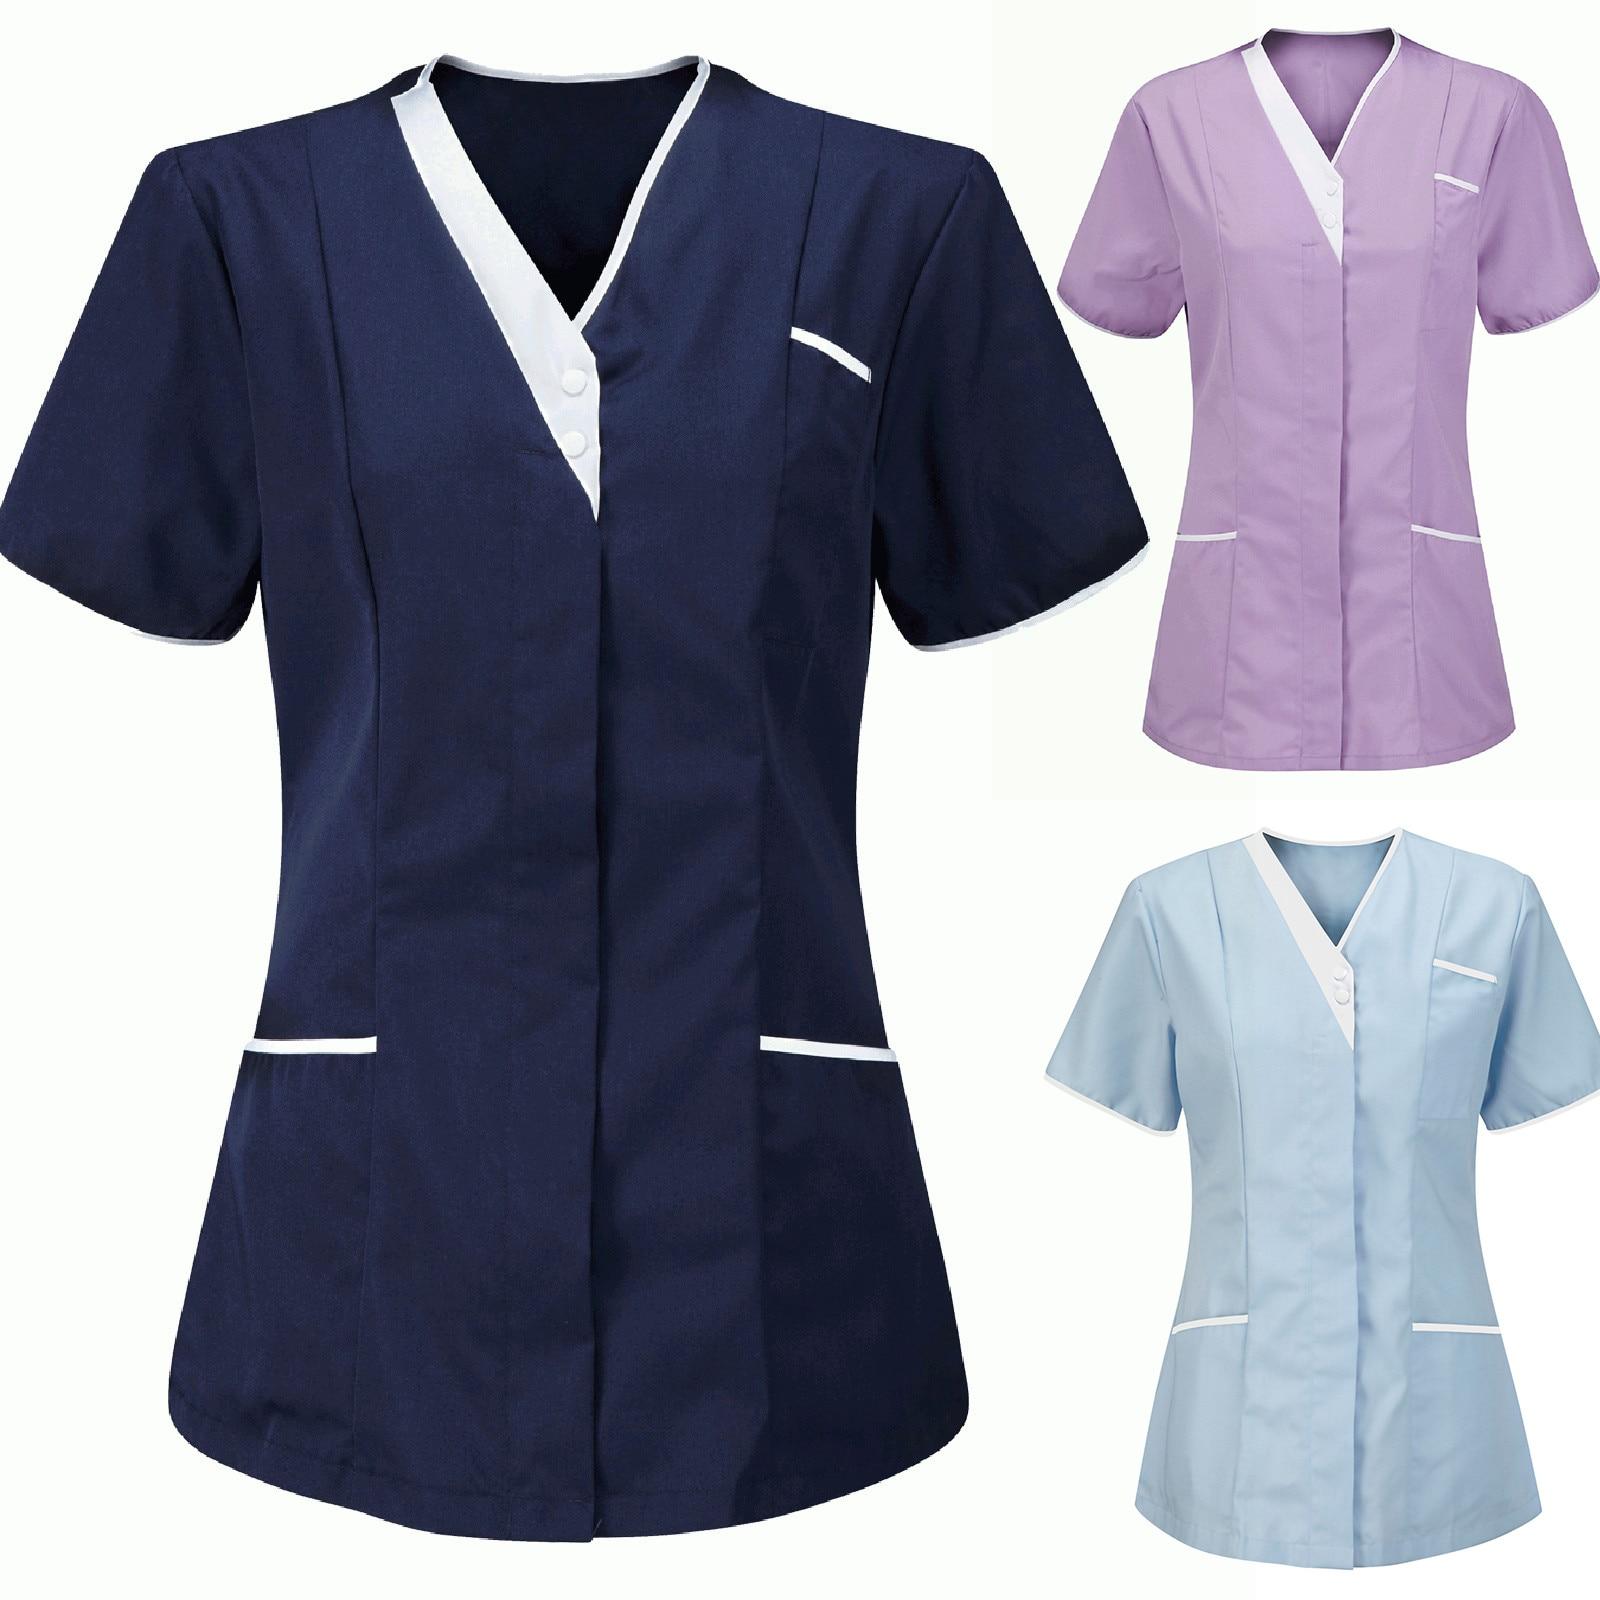 Женская Туника форма медсестер защитная одежда с V-образным вырезом топы аксессуары для медсестер униформа медсестры Блузка мужская одежда...